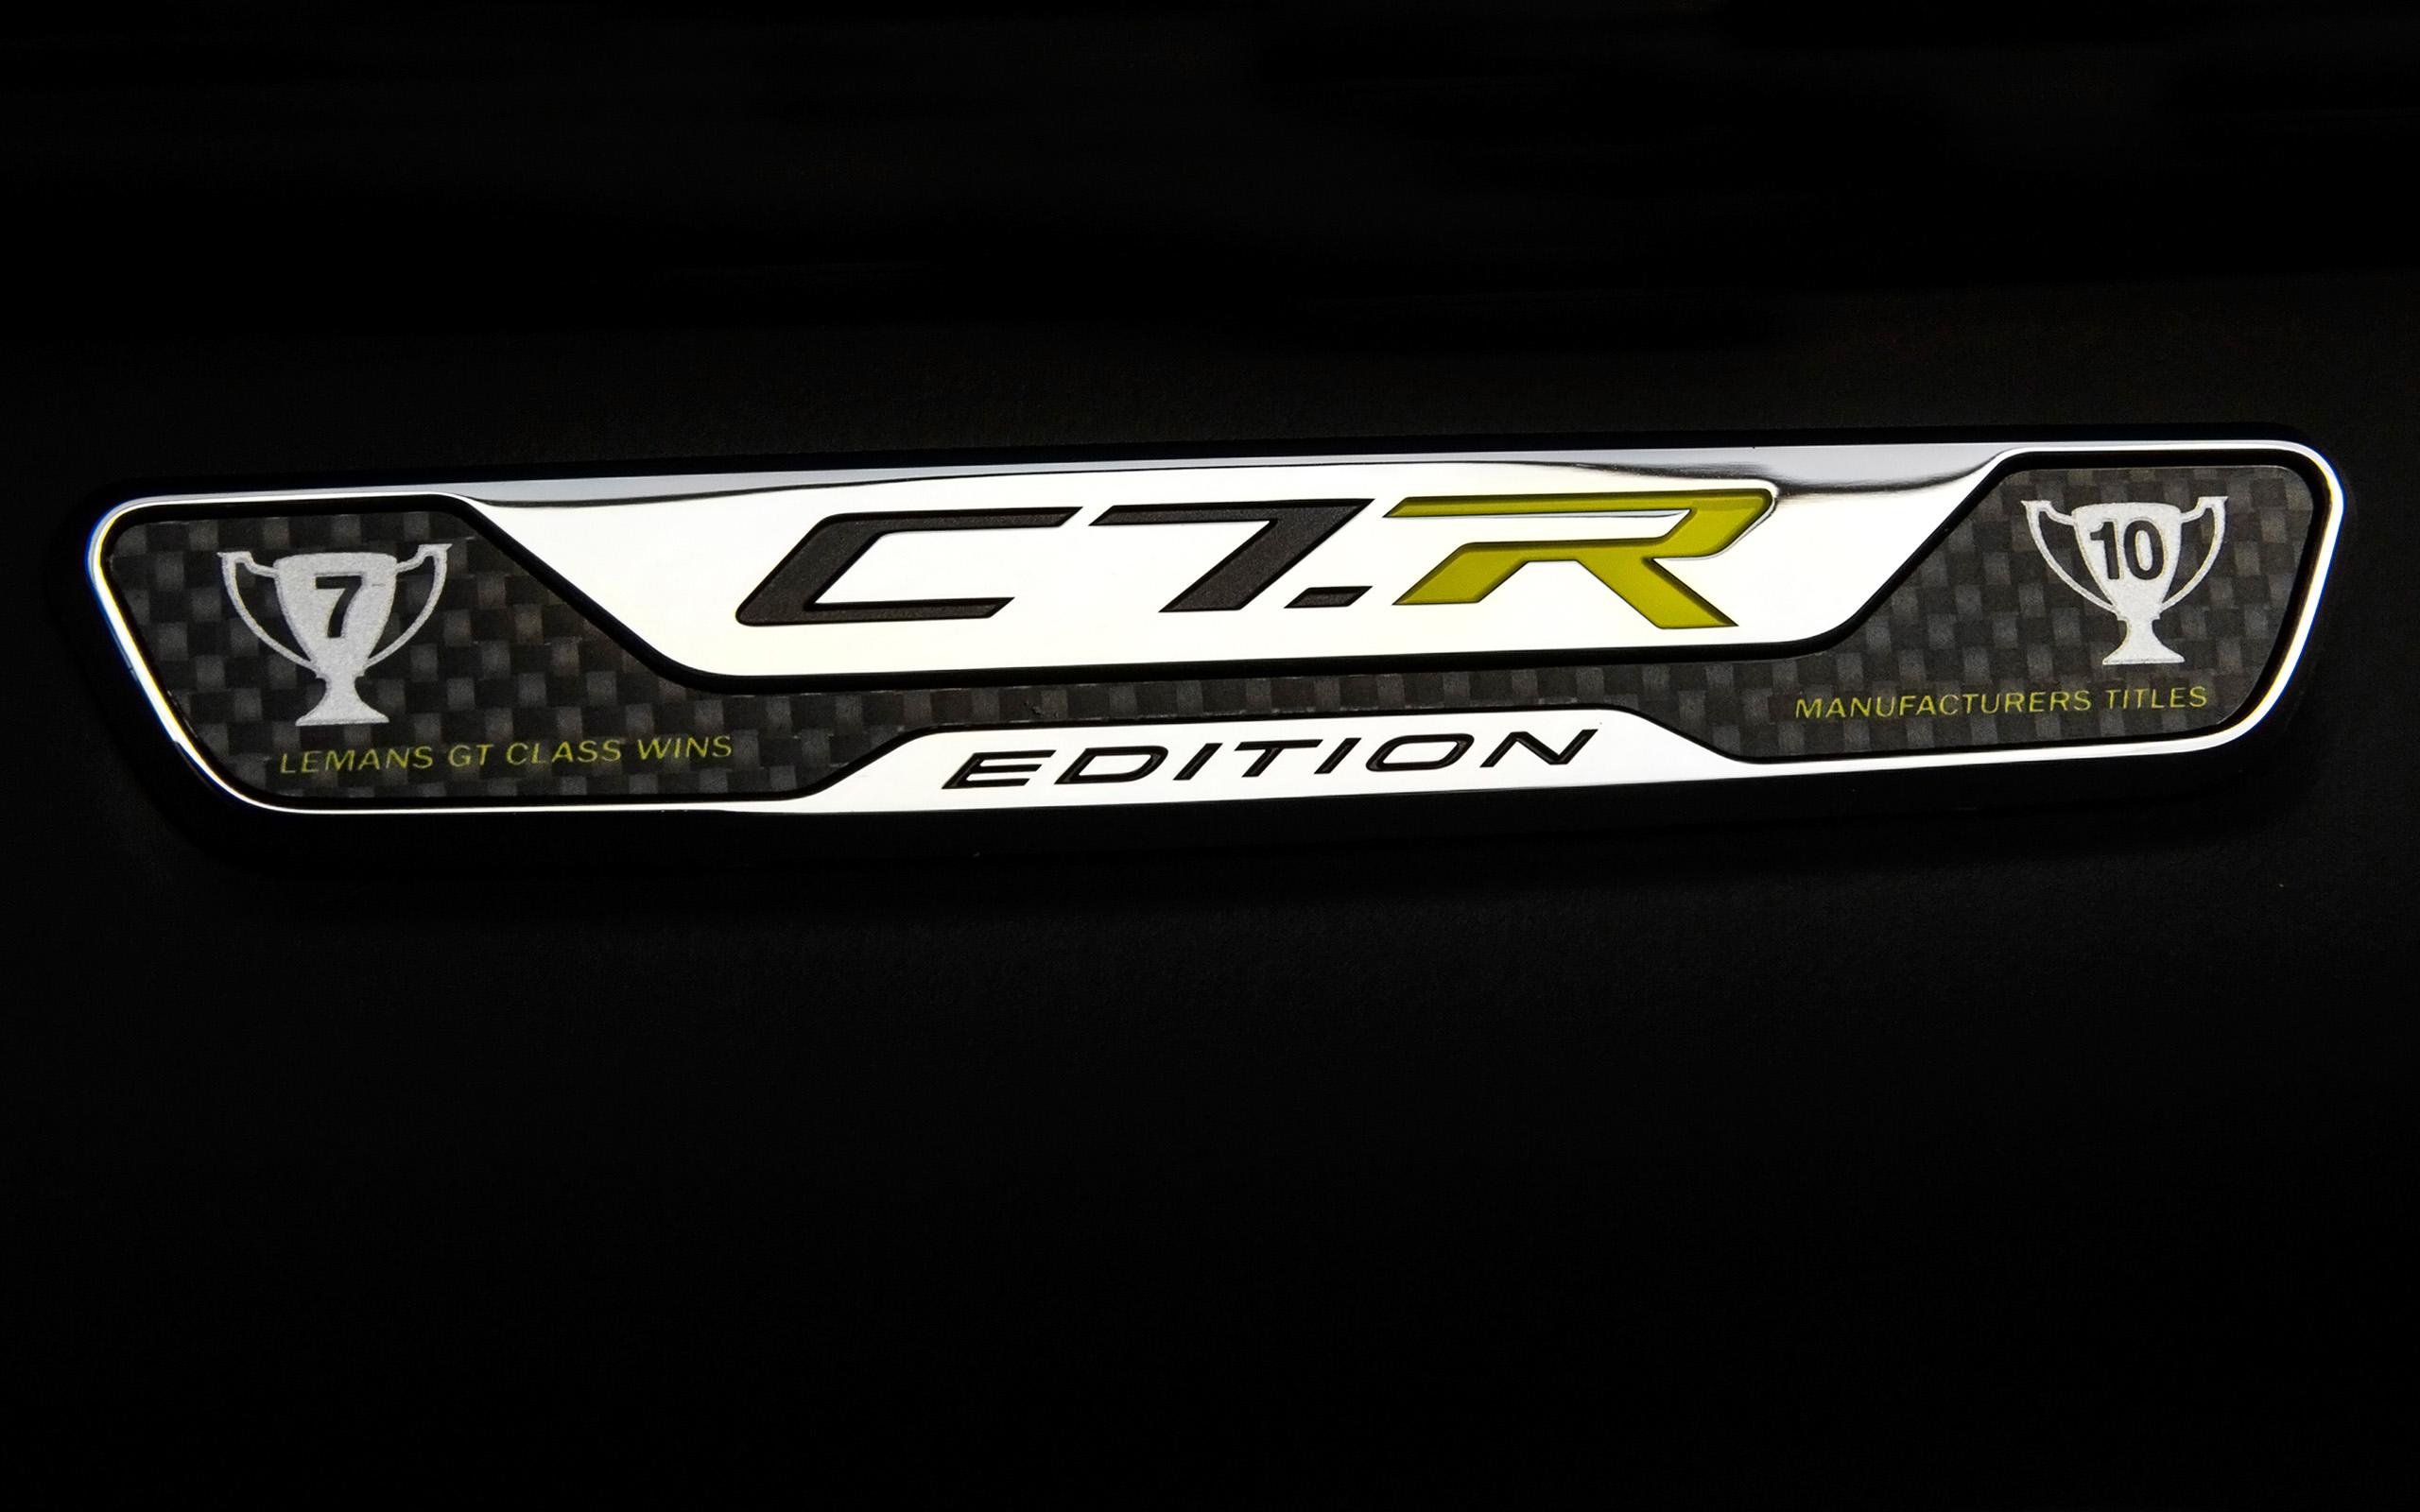 2016 Chevrolet Corvette Z06 C7R Edition   Details   3   2560x1600 2560x1600